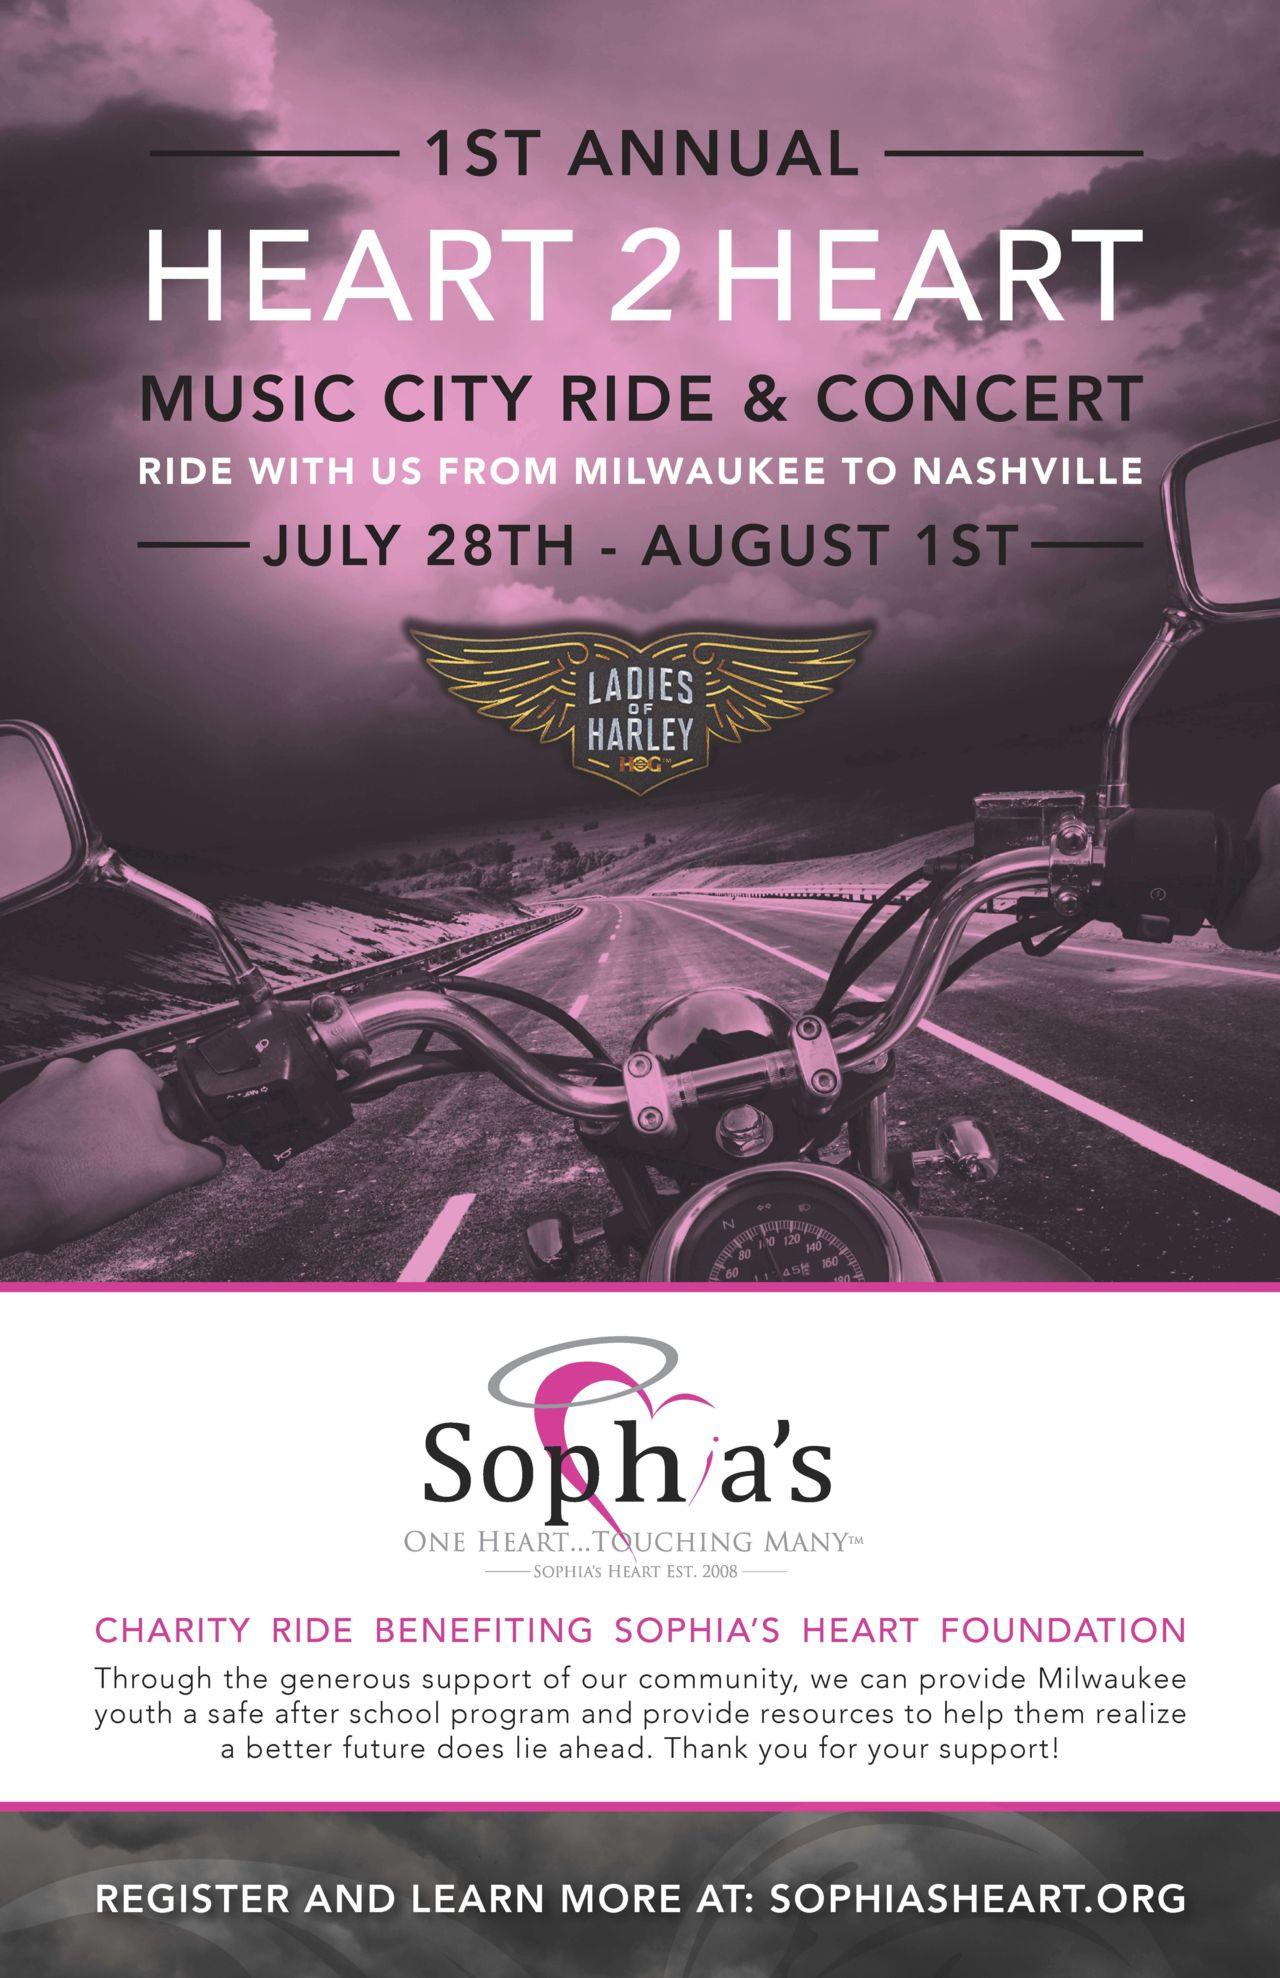 Poster of Sophia's Heart 2 Heart event